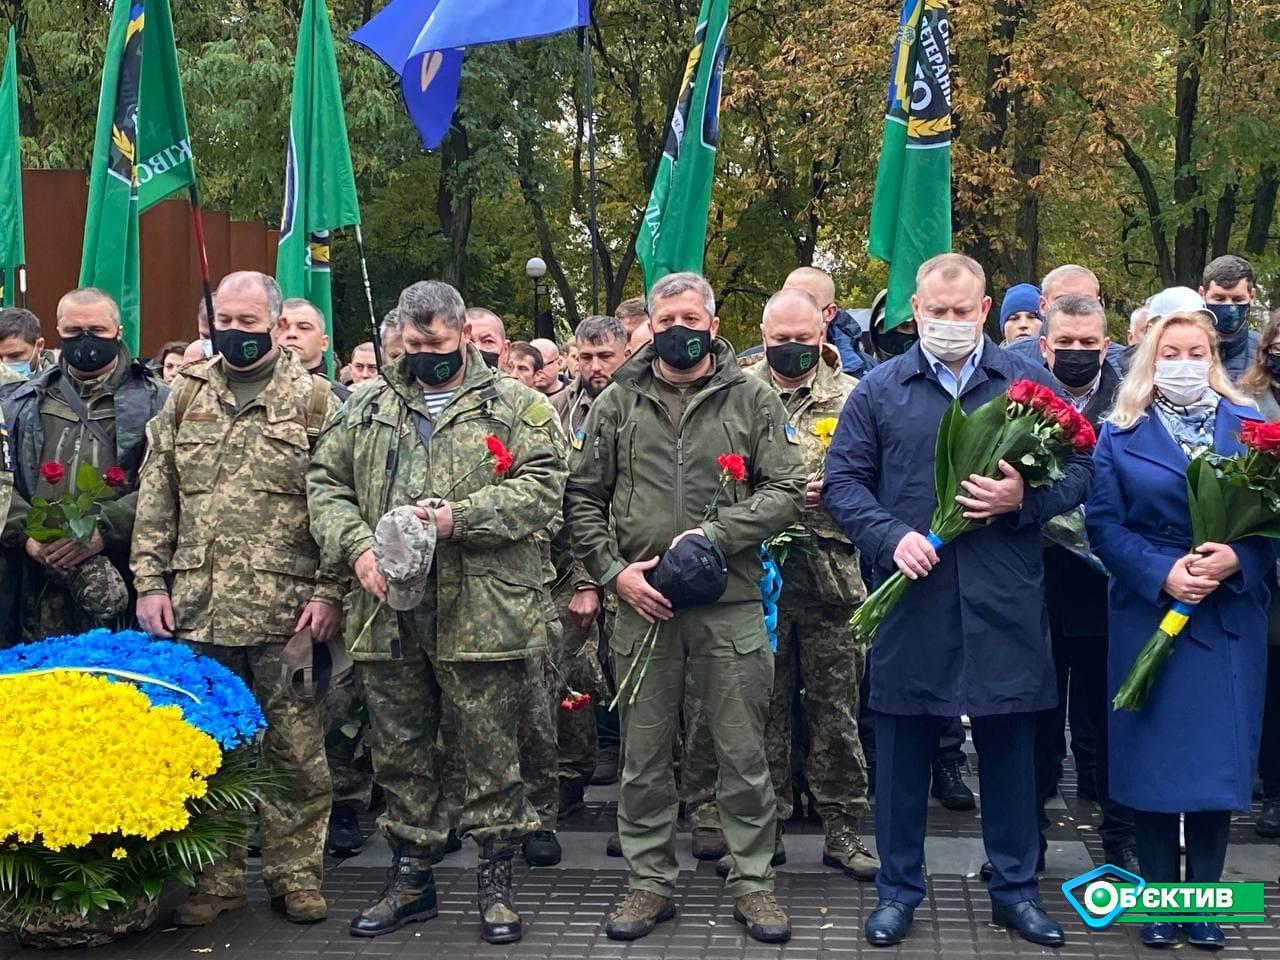 В честь Дня защитников и защитниц Украины в Харькове прошло торжественное возложение цветов к Монументу защитникам Украины